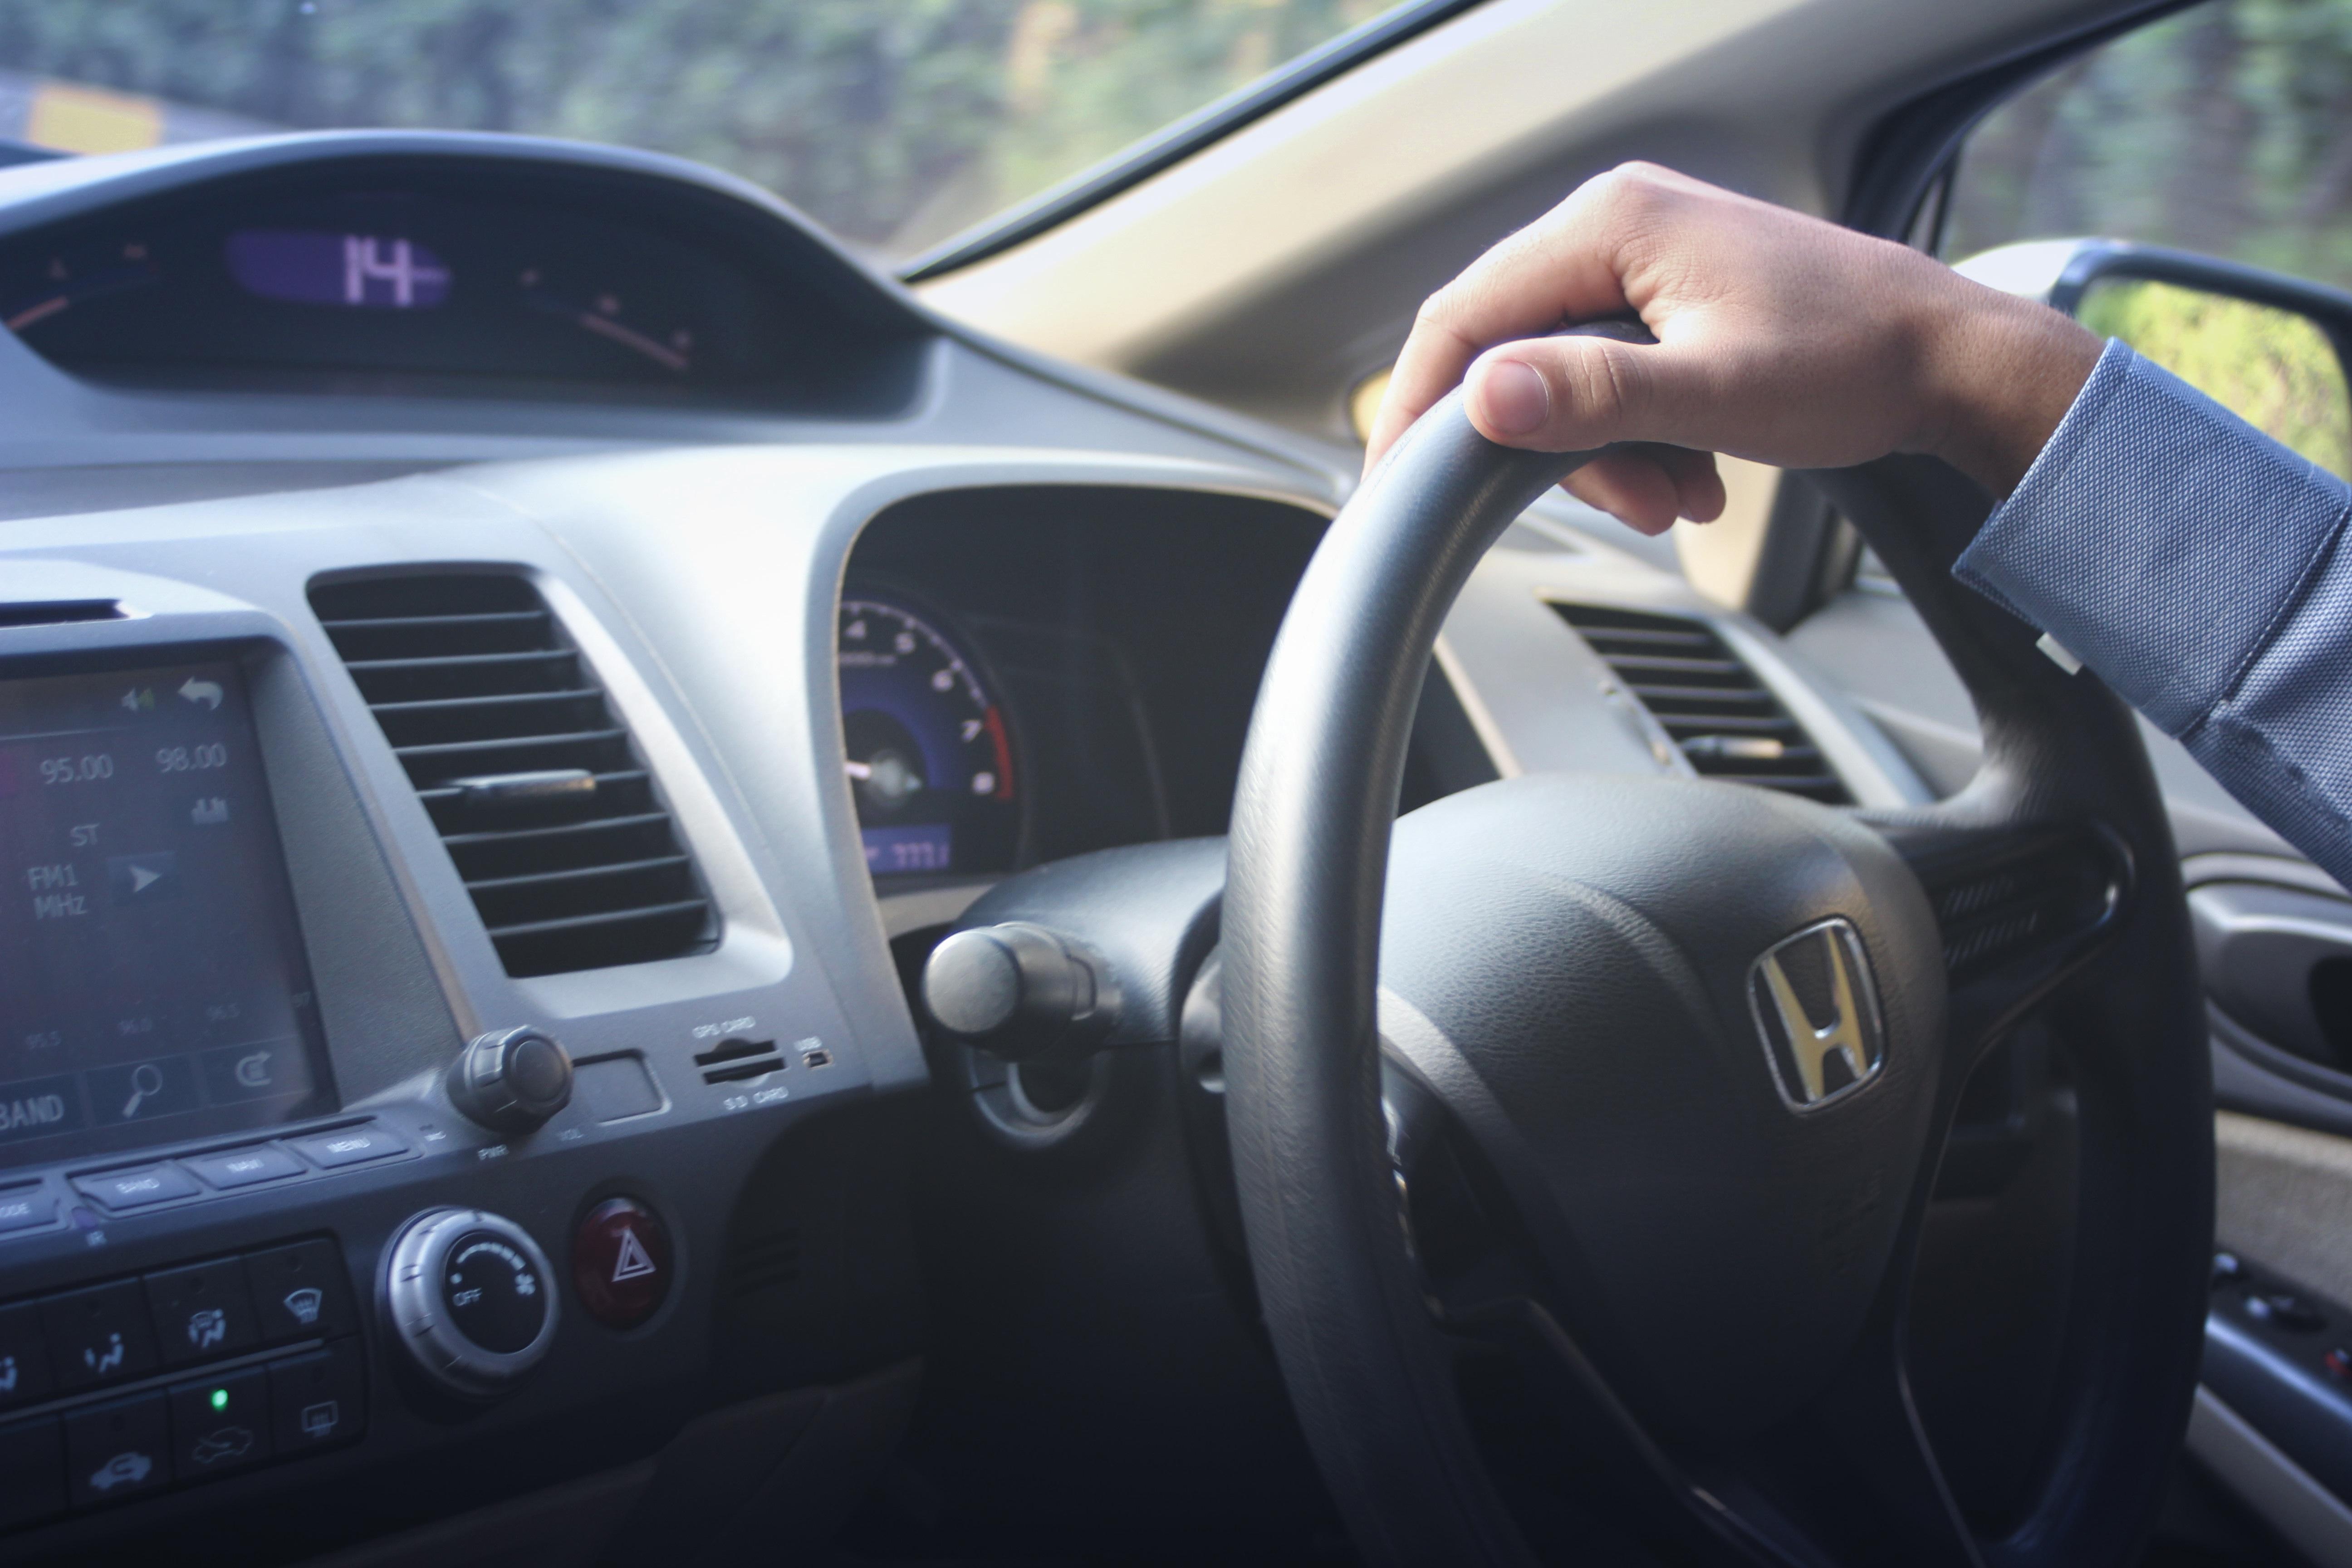 52 Gambar Mobil Sedan Honda Civic Gratis